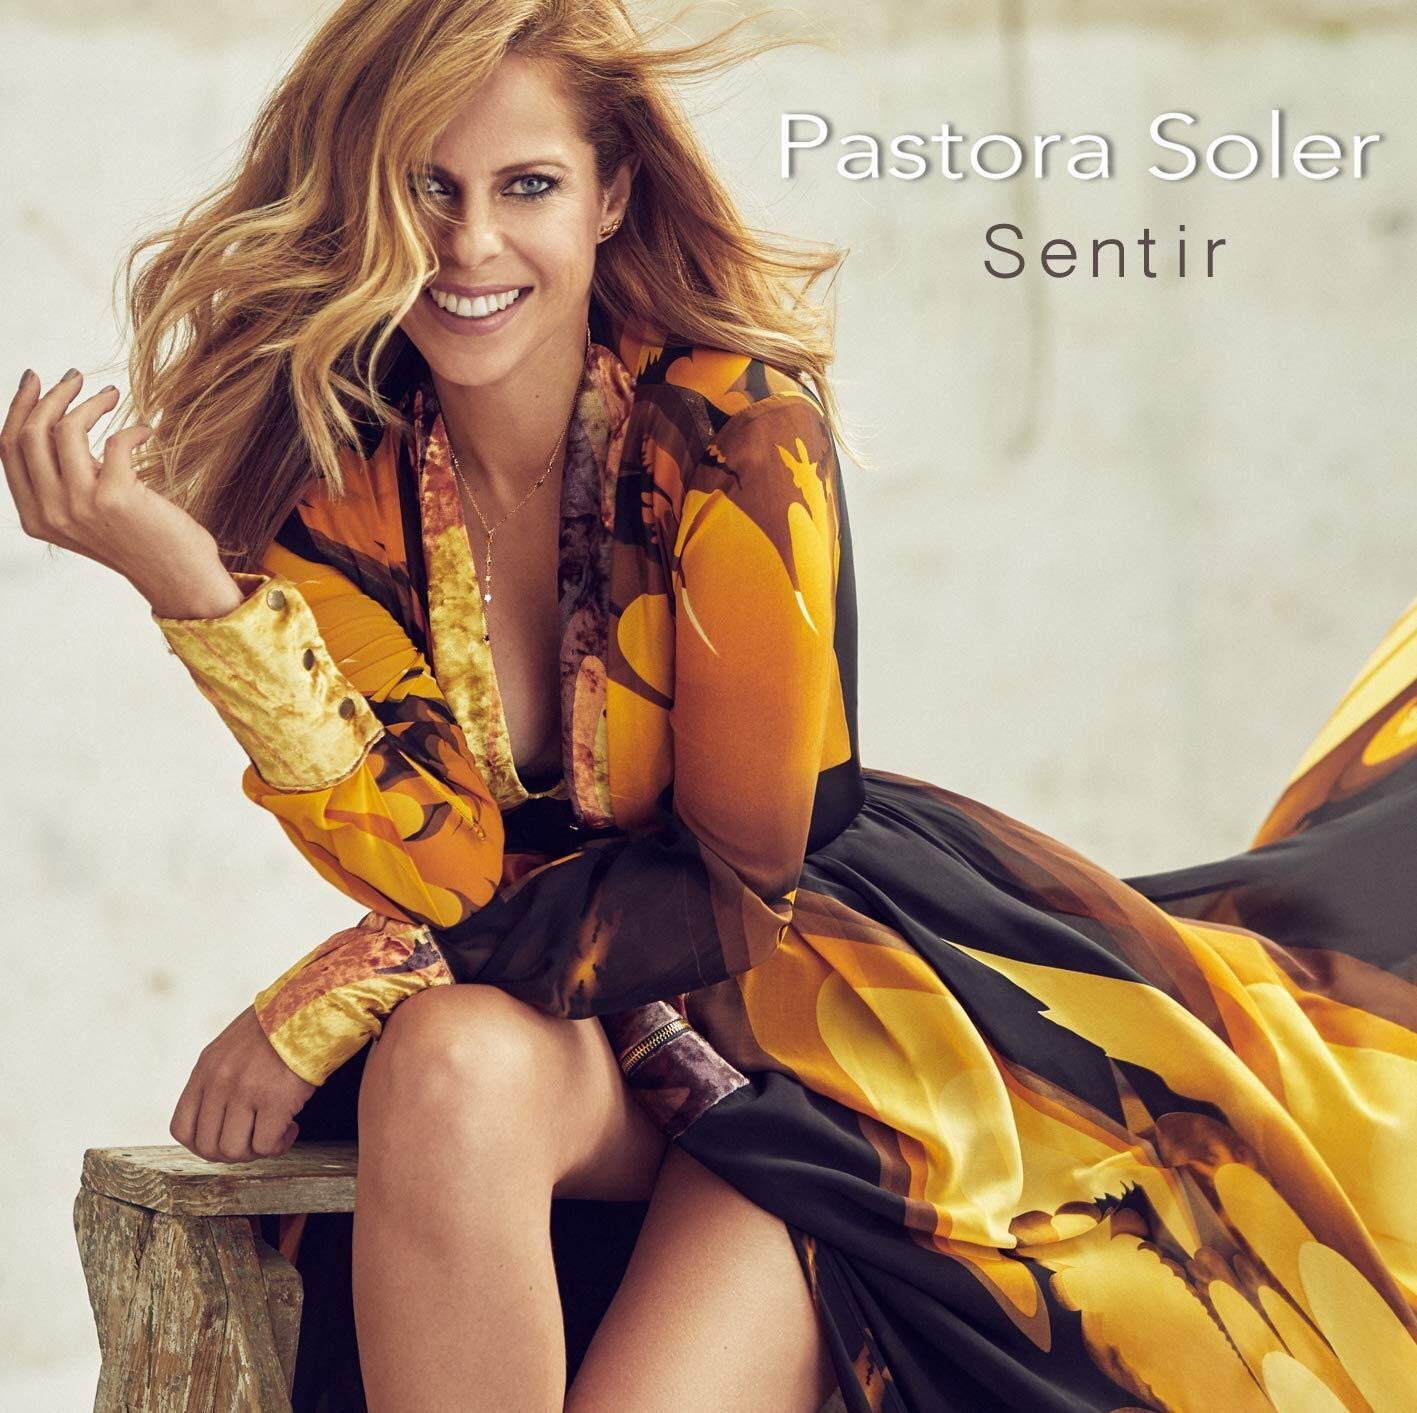 Pastora Soler encara un año ilusionante